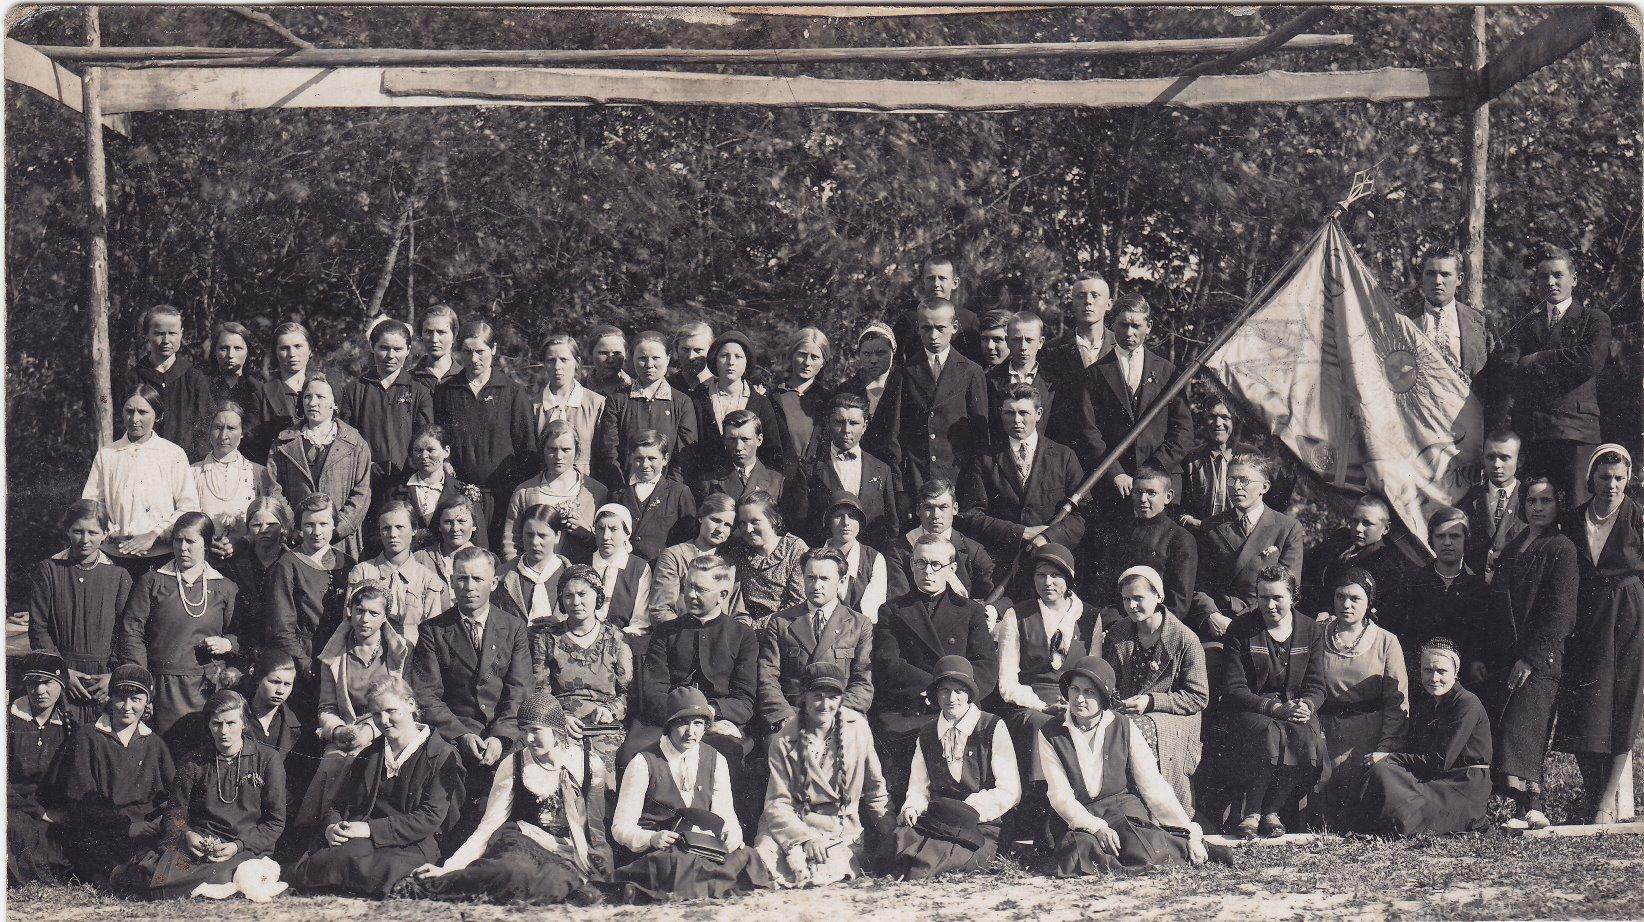 Pavasarininkų draugija ir choristai. Apie 1933 m.